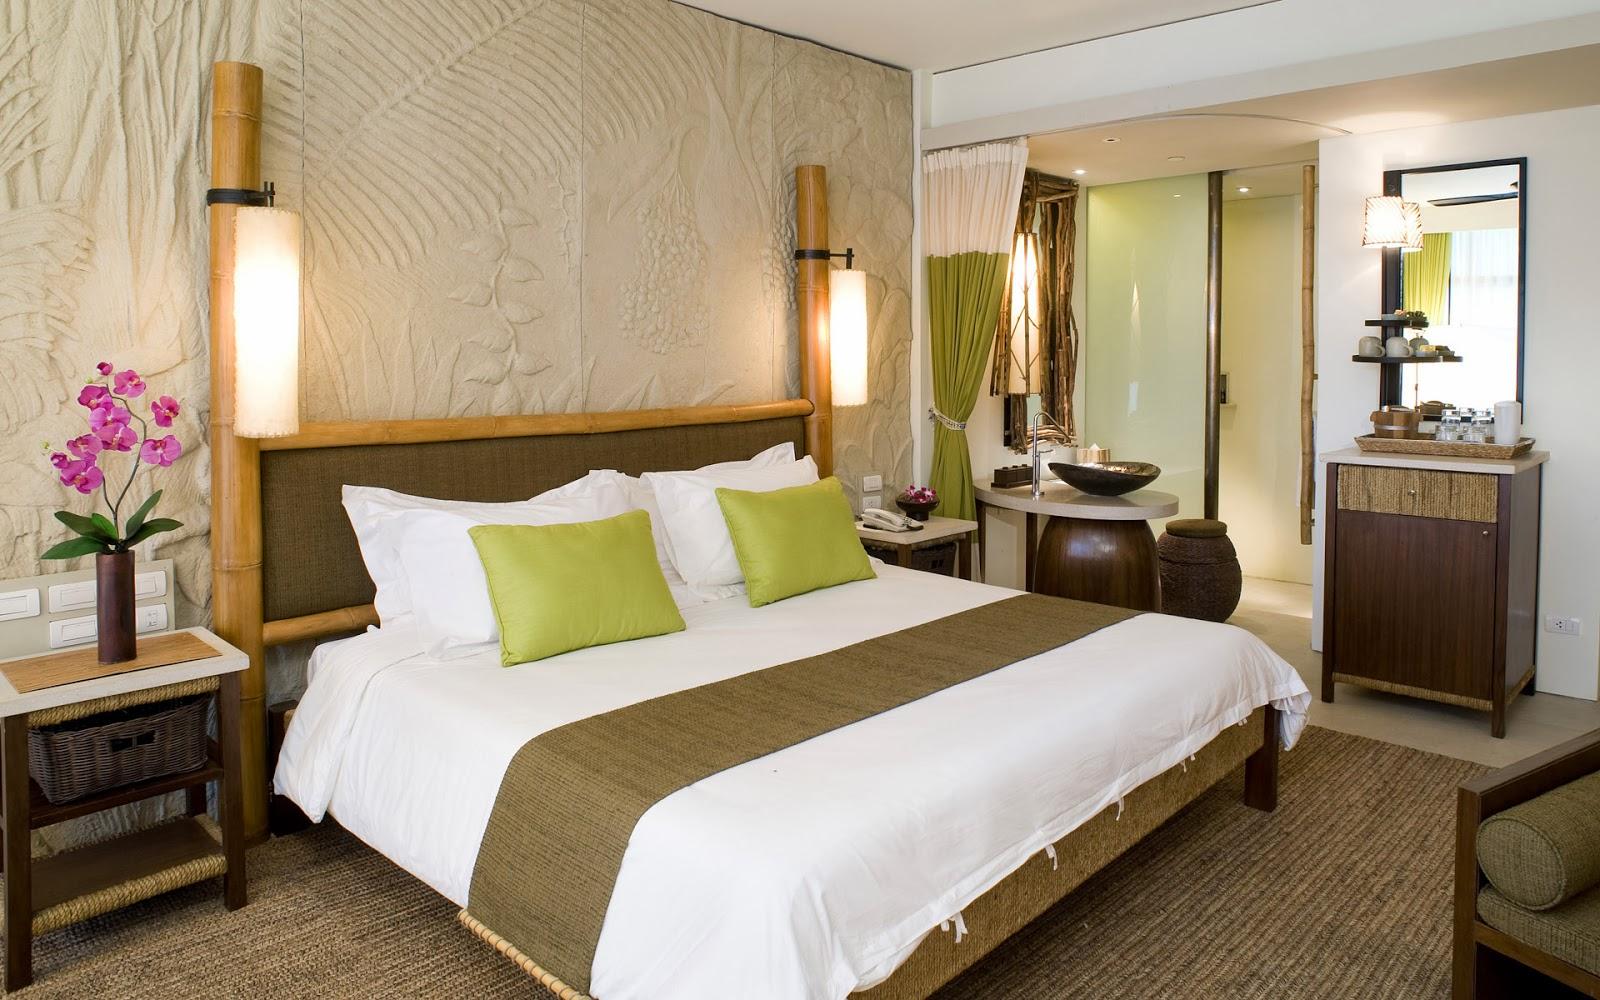 desain kamar tidur utama romantis   sobat interior rumah